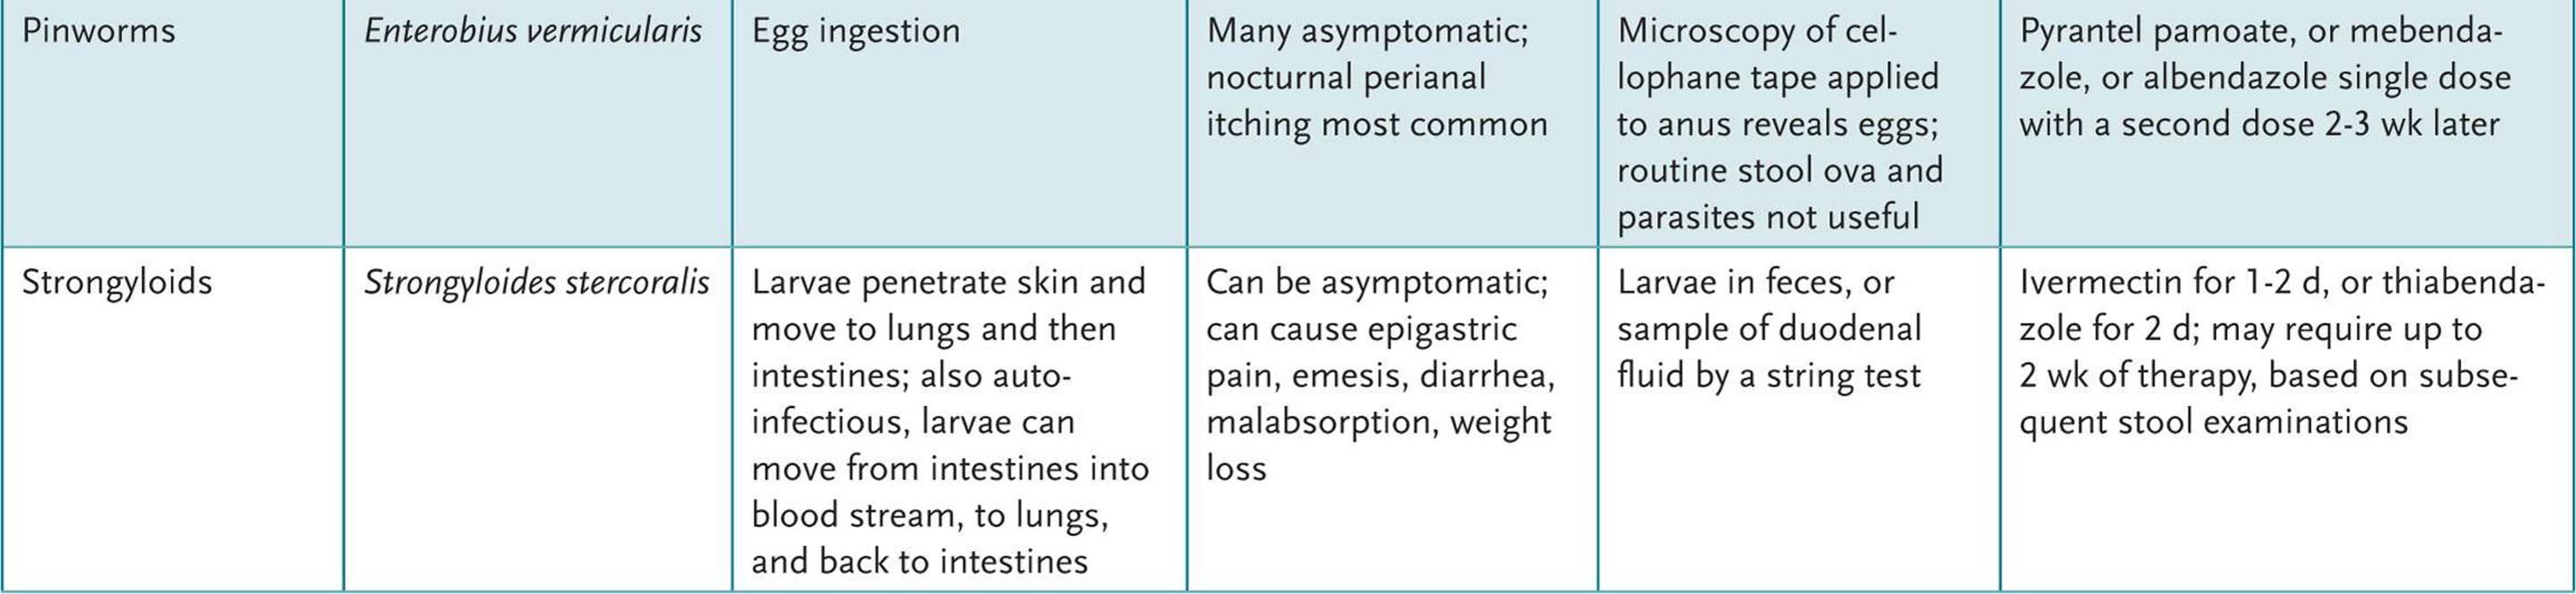 enterobius vermicularis treatment dose pediatric)